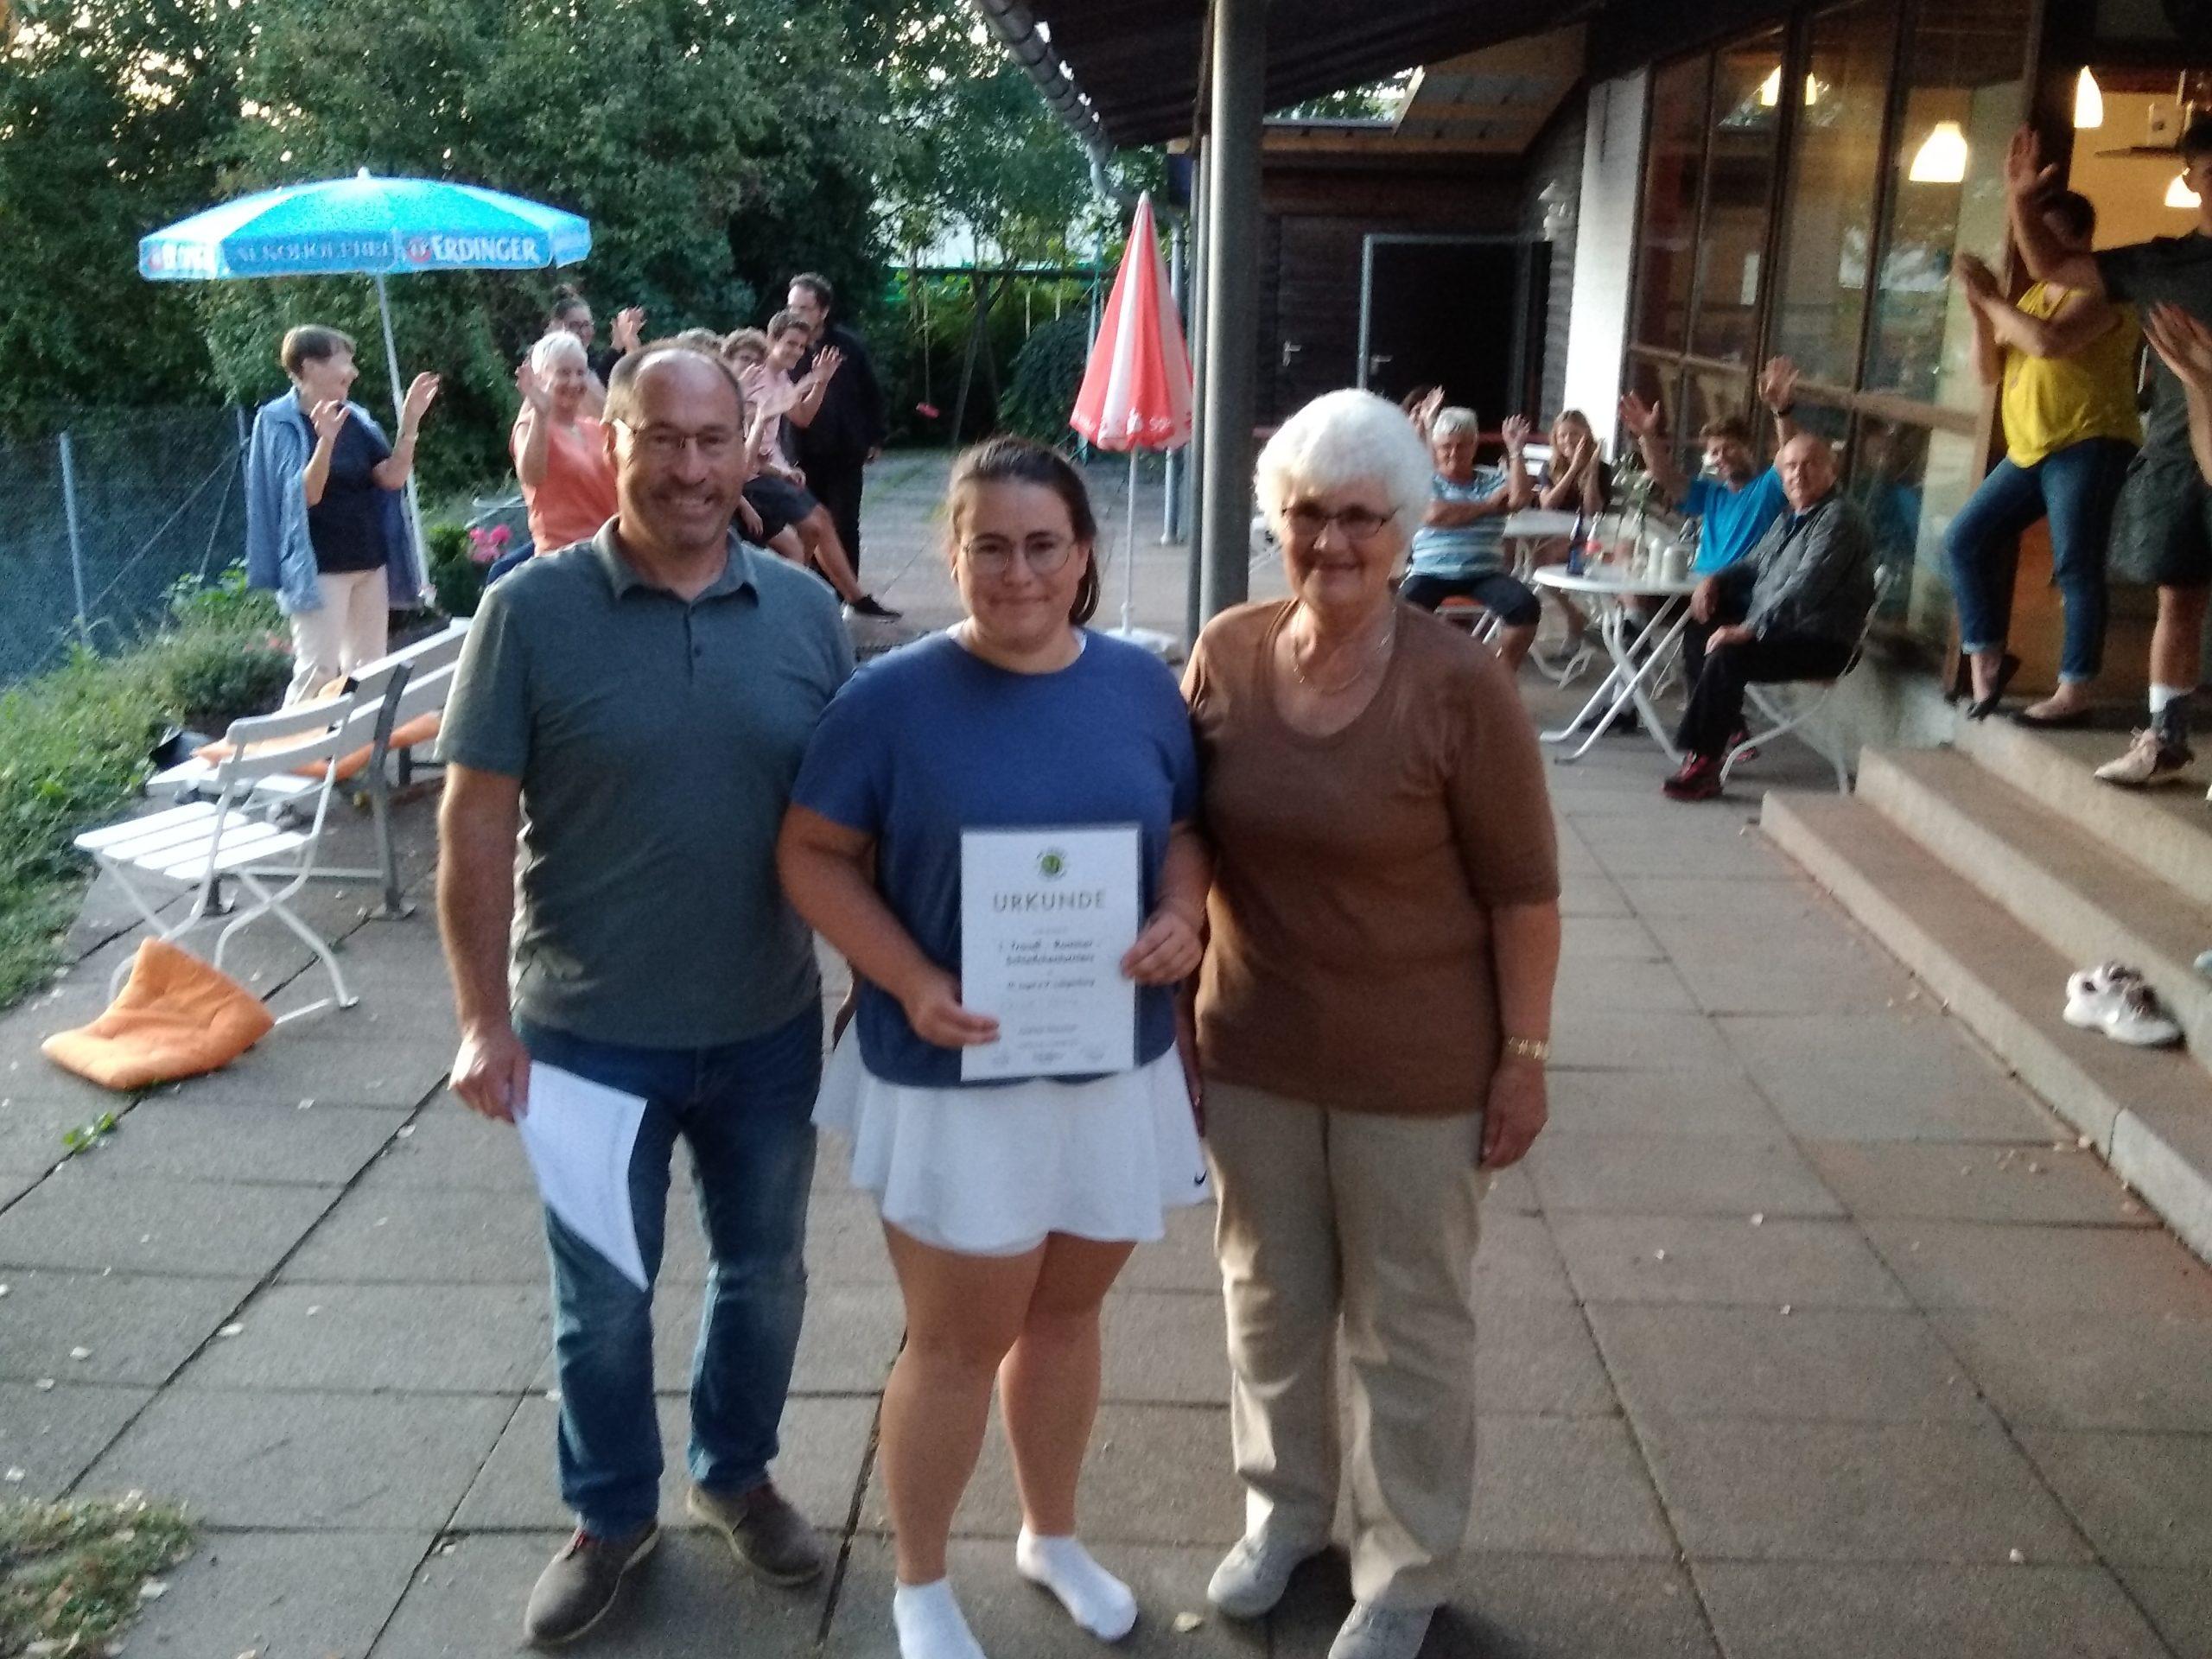 Celine Botta Siegerin Traudel-Rommer-Schleifchenturnier 2019